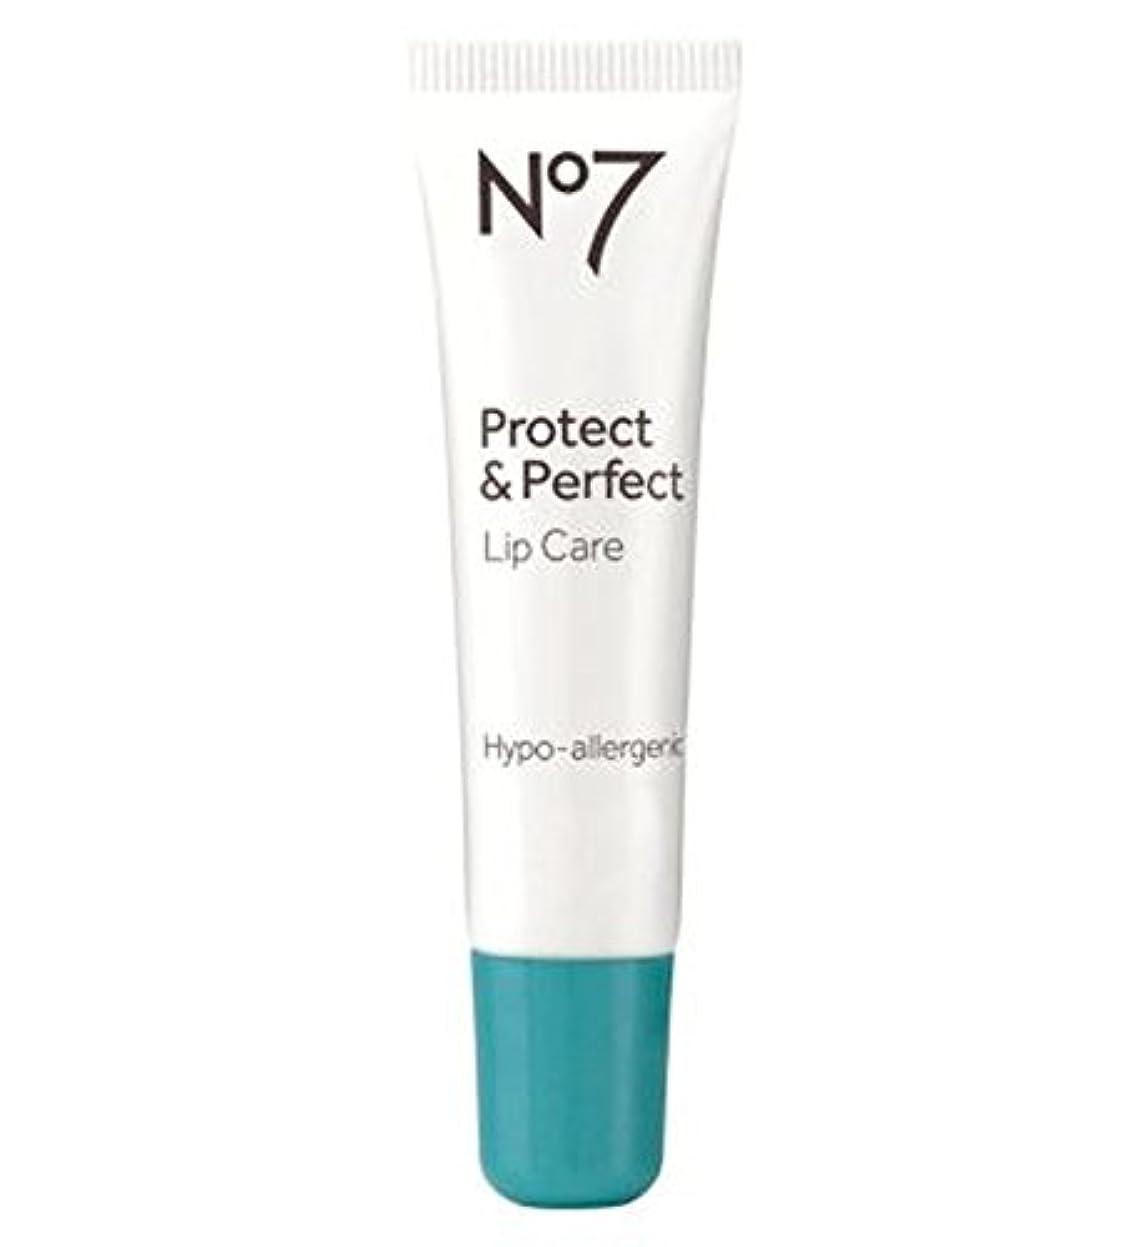 イライラするマイクロプロセッサ寝てるNo7 Protect & Perfect Lip Care 10ml - No7保護&完璧なリップケア10ミリリットル (No7) [並行輸入品]